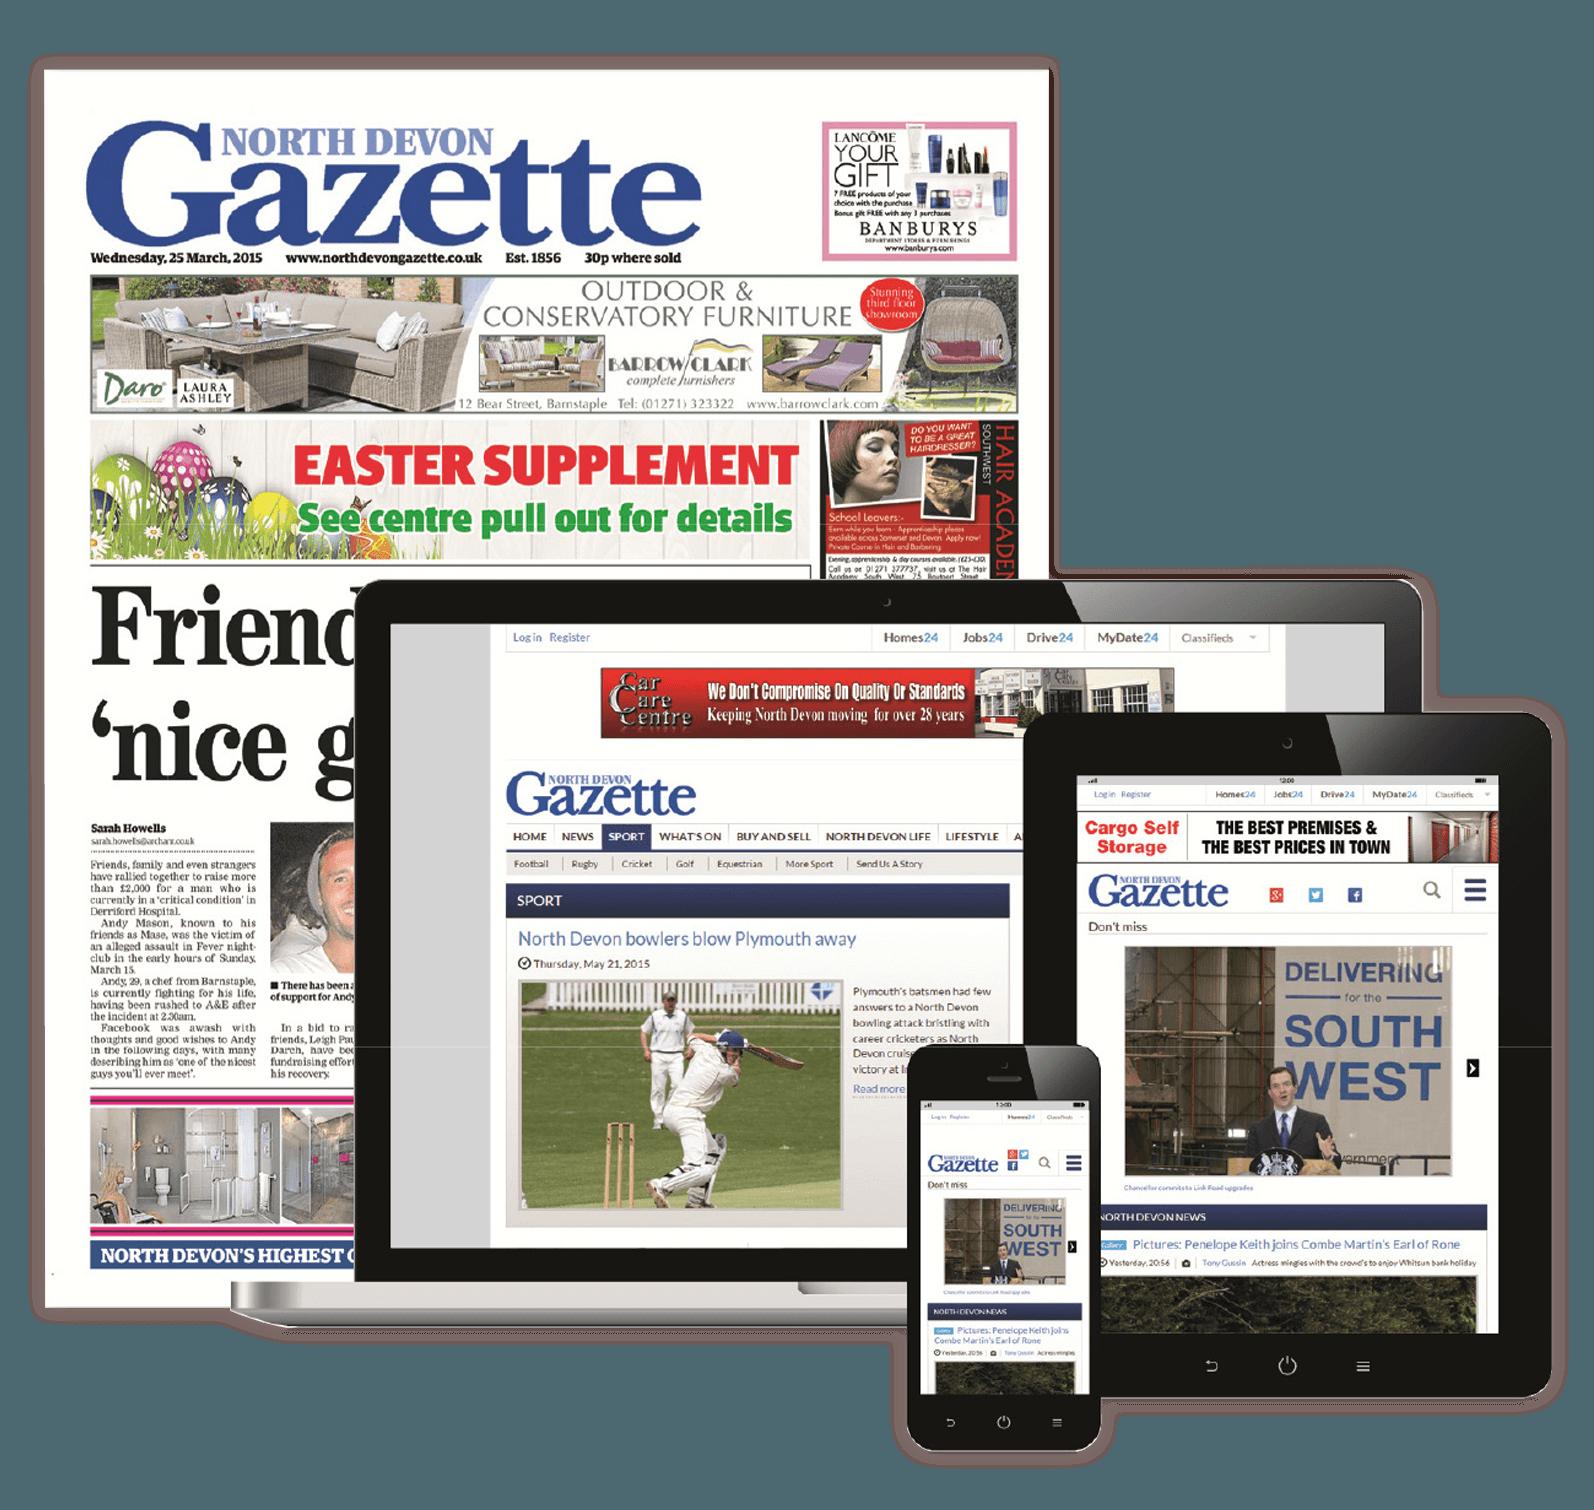 Digital and Print Advertising - North Devon Gazette